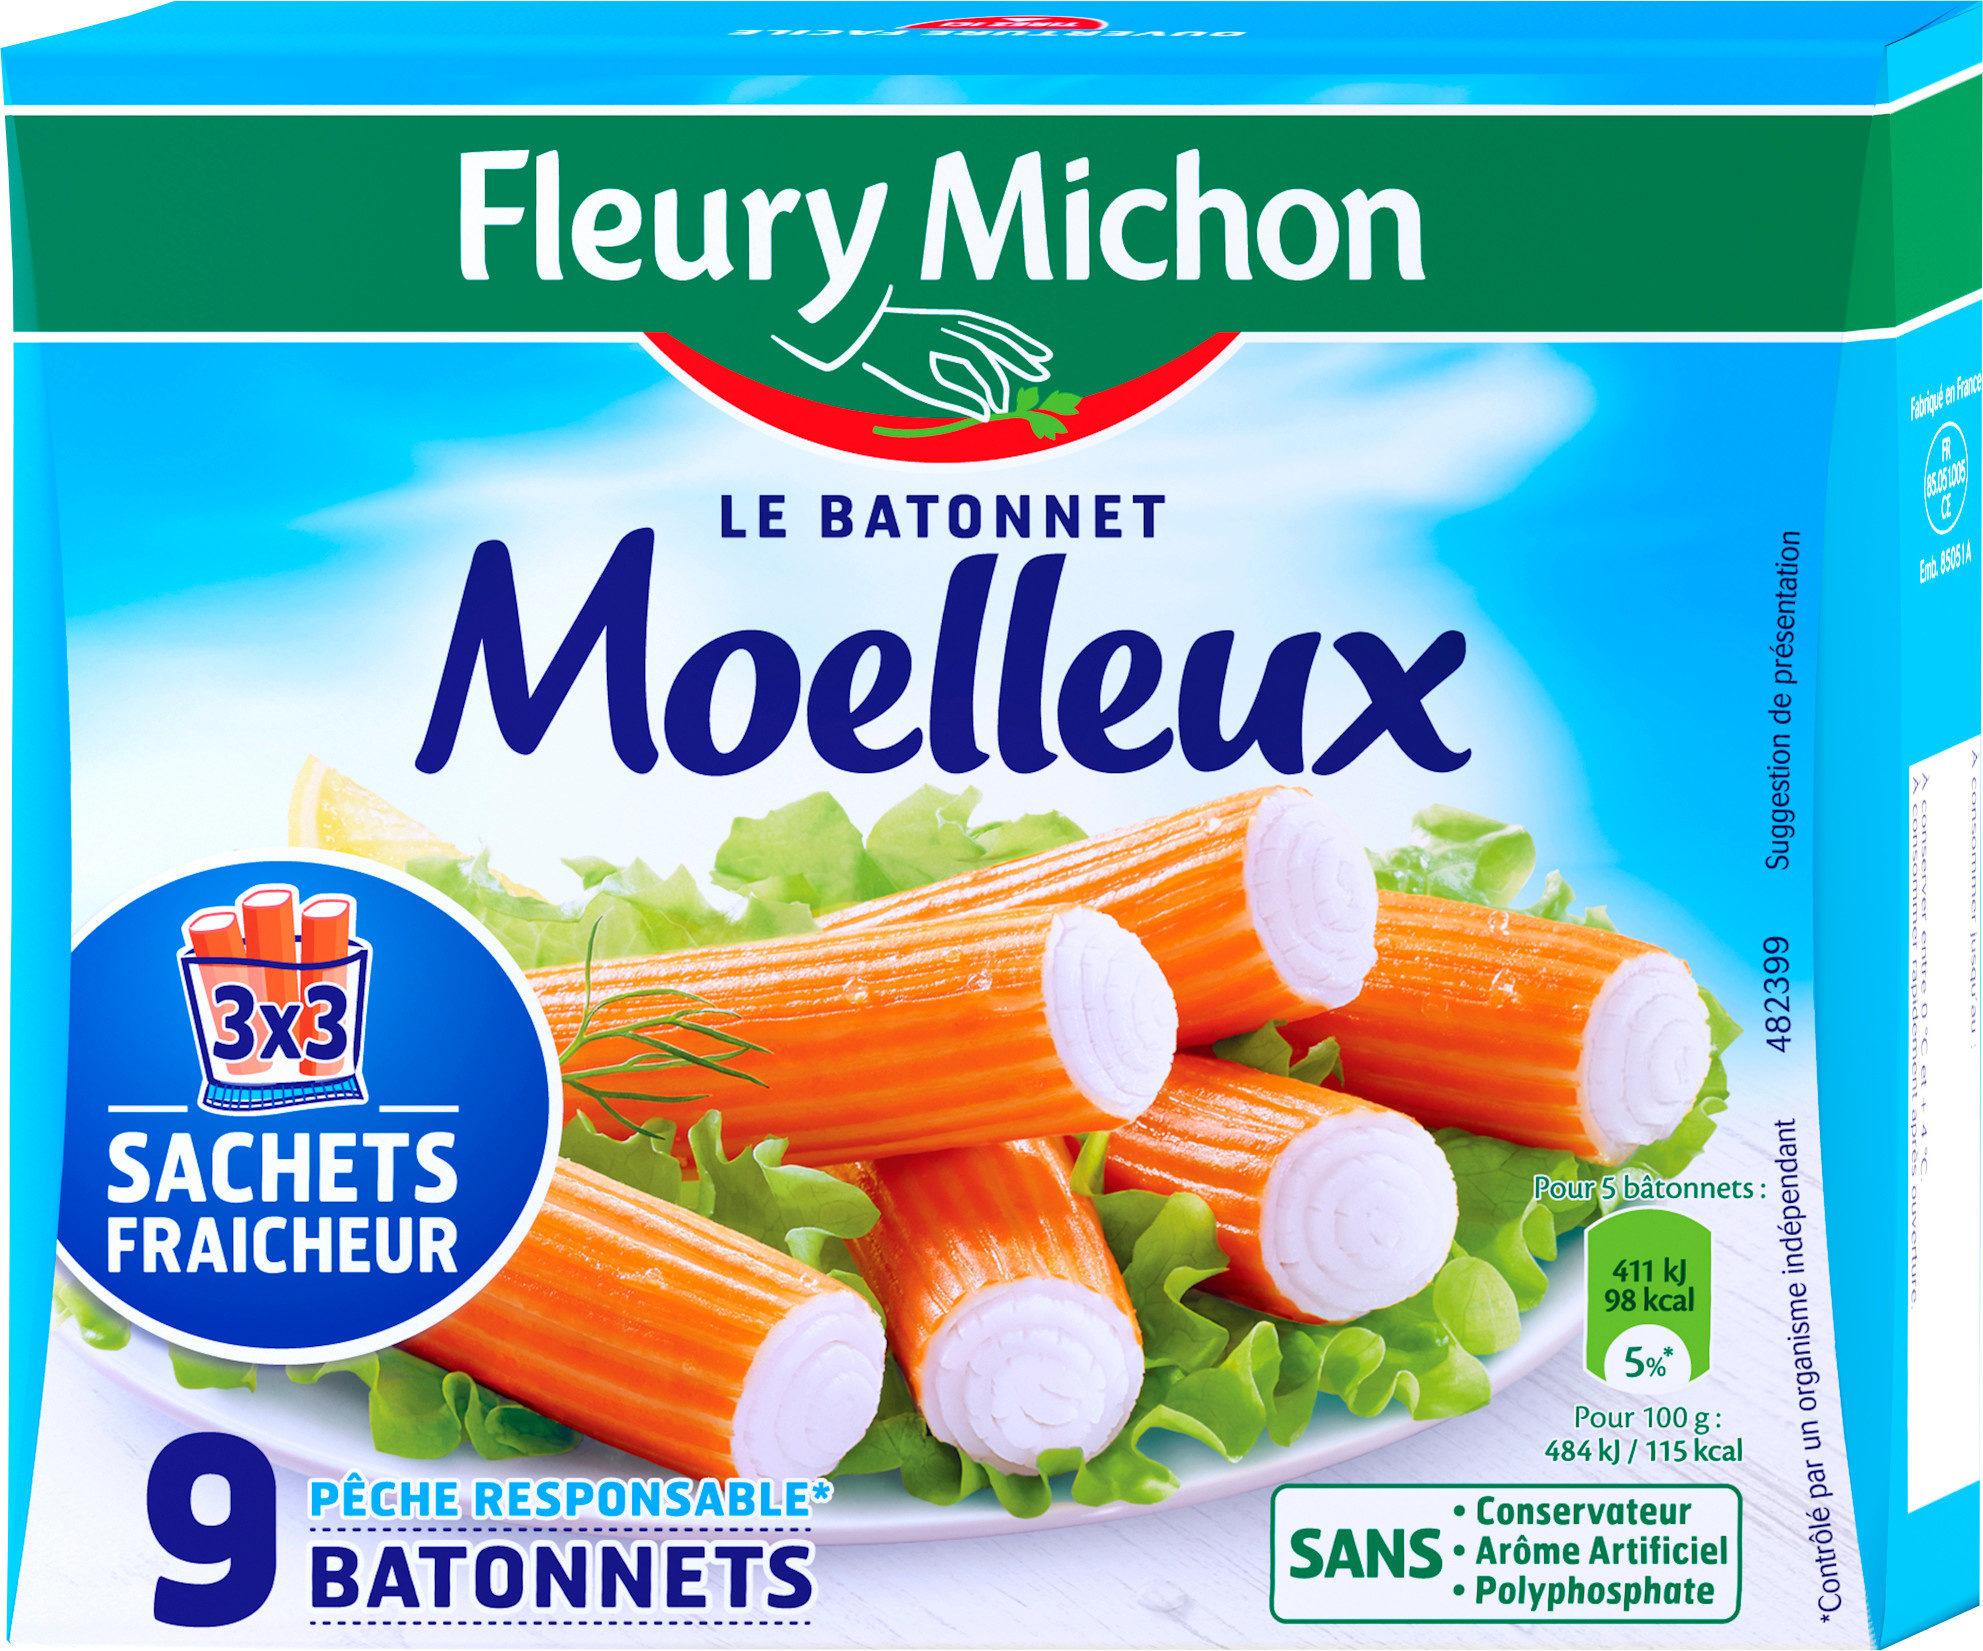 Le bâtonnet Moelleux - 9 bâtonnets - Produit - fr